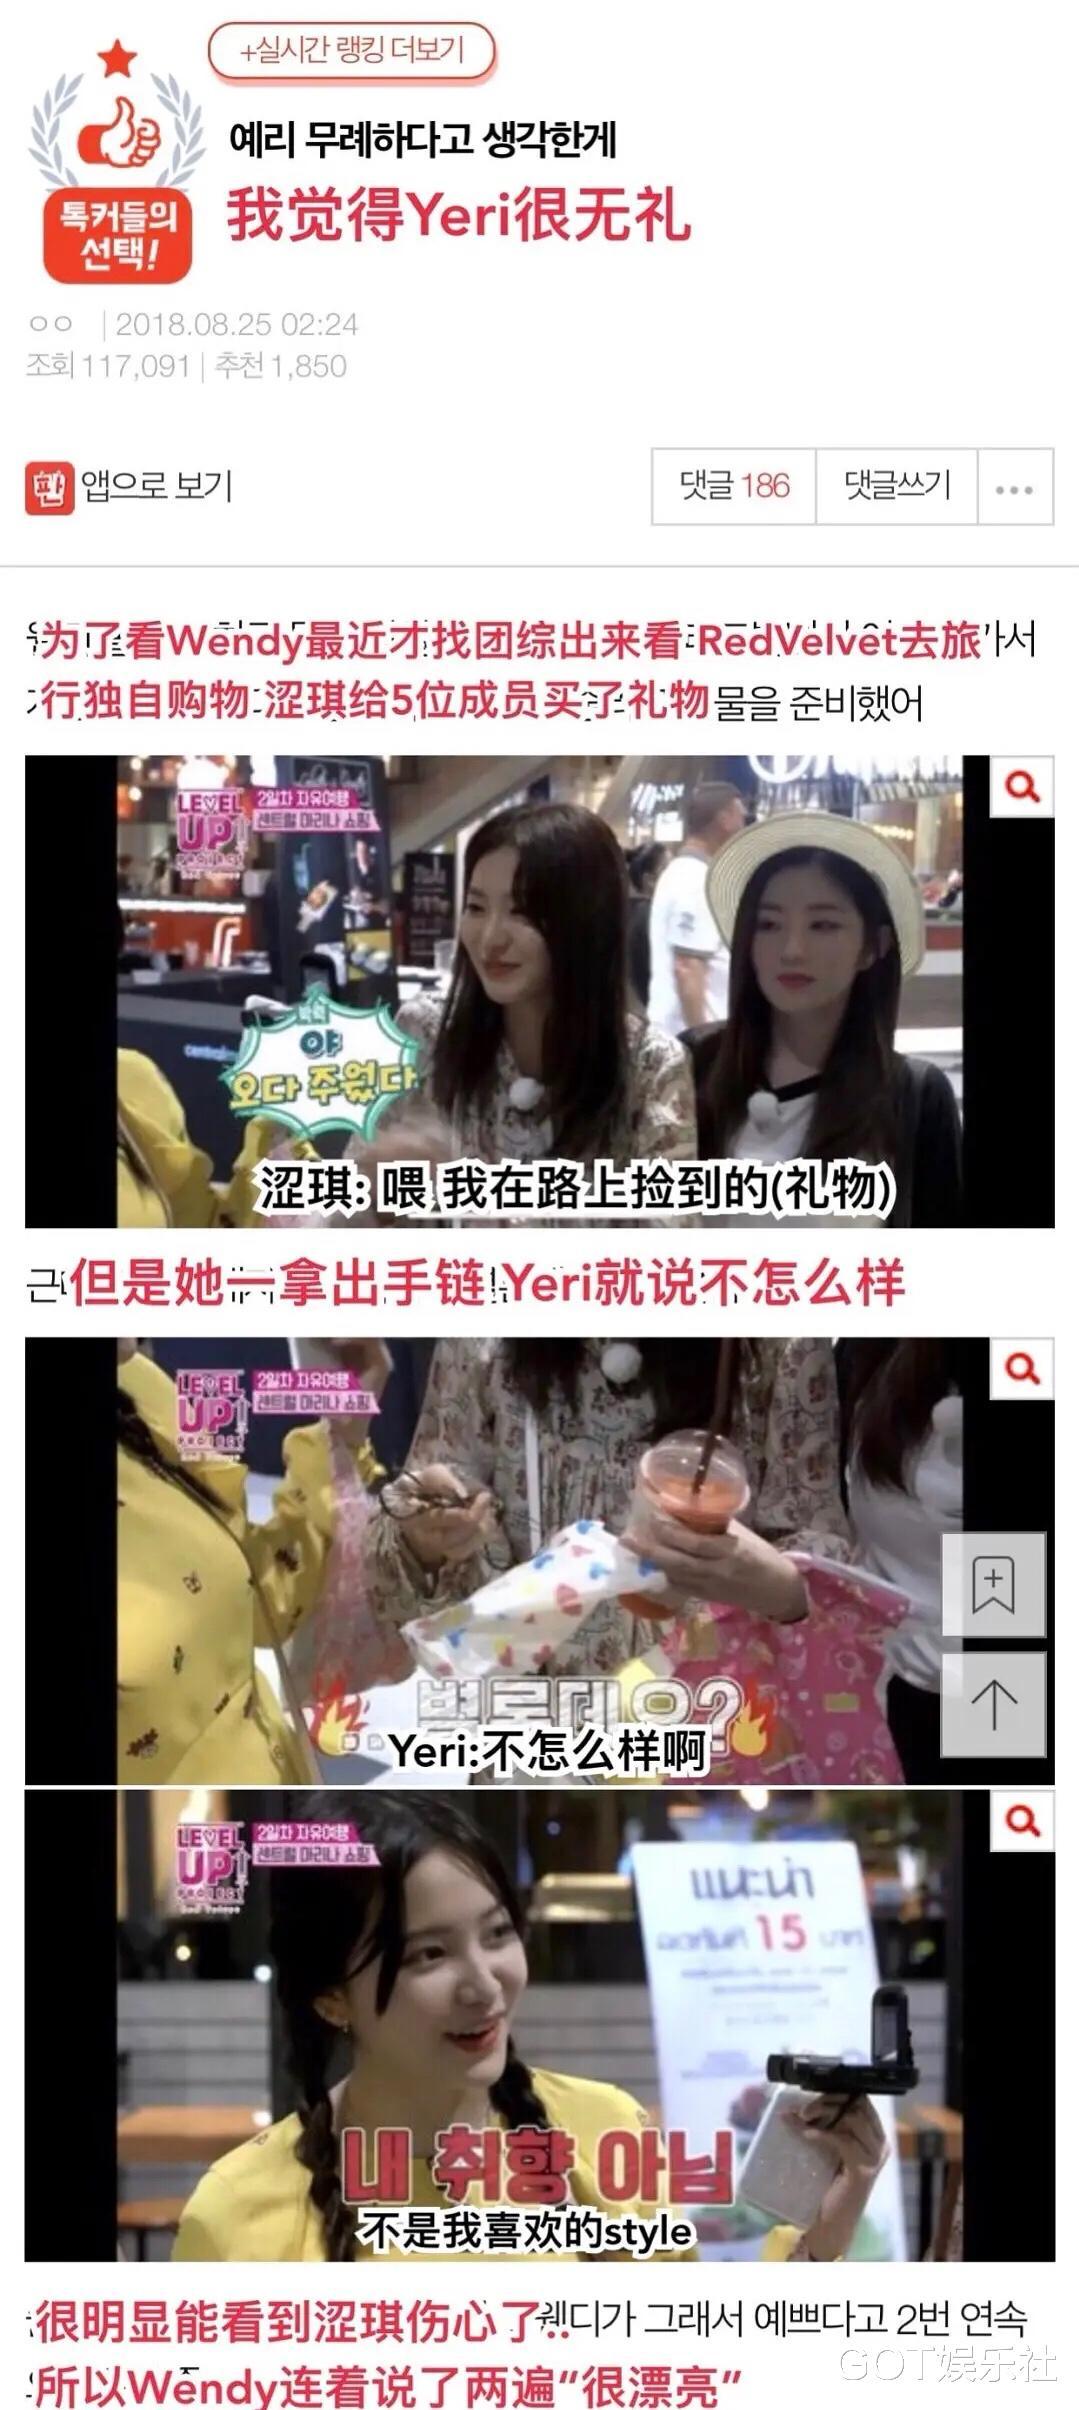 韓星Irene霸凌事件後續: RedVelvet隊友被連累, Joy遭韓網惡評-圖13